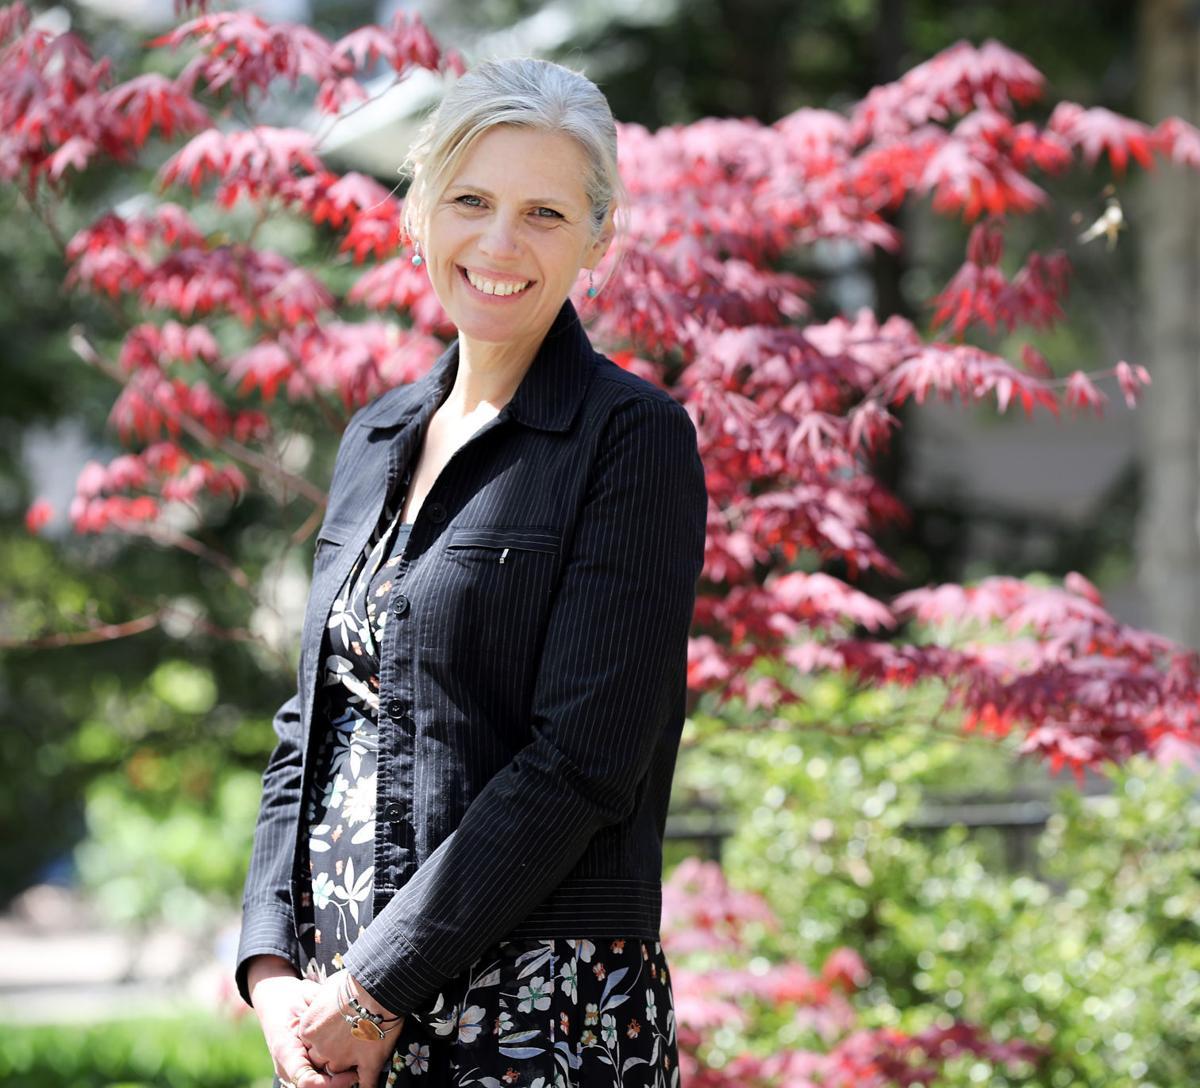 Sarah Edgerton